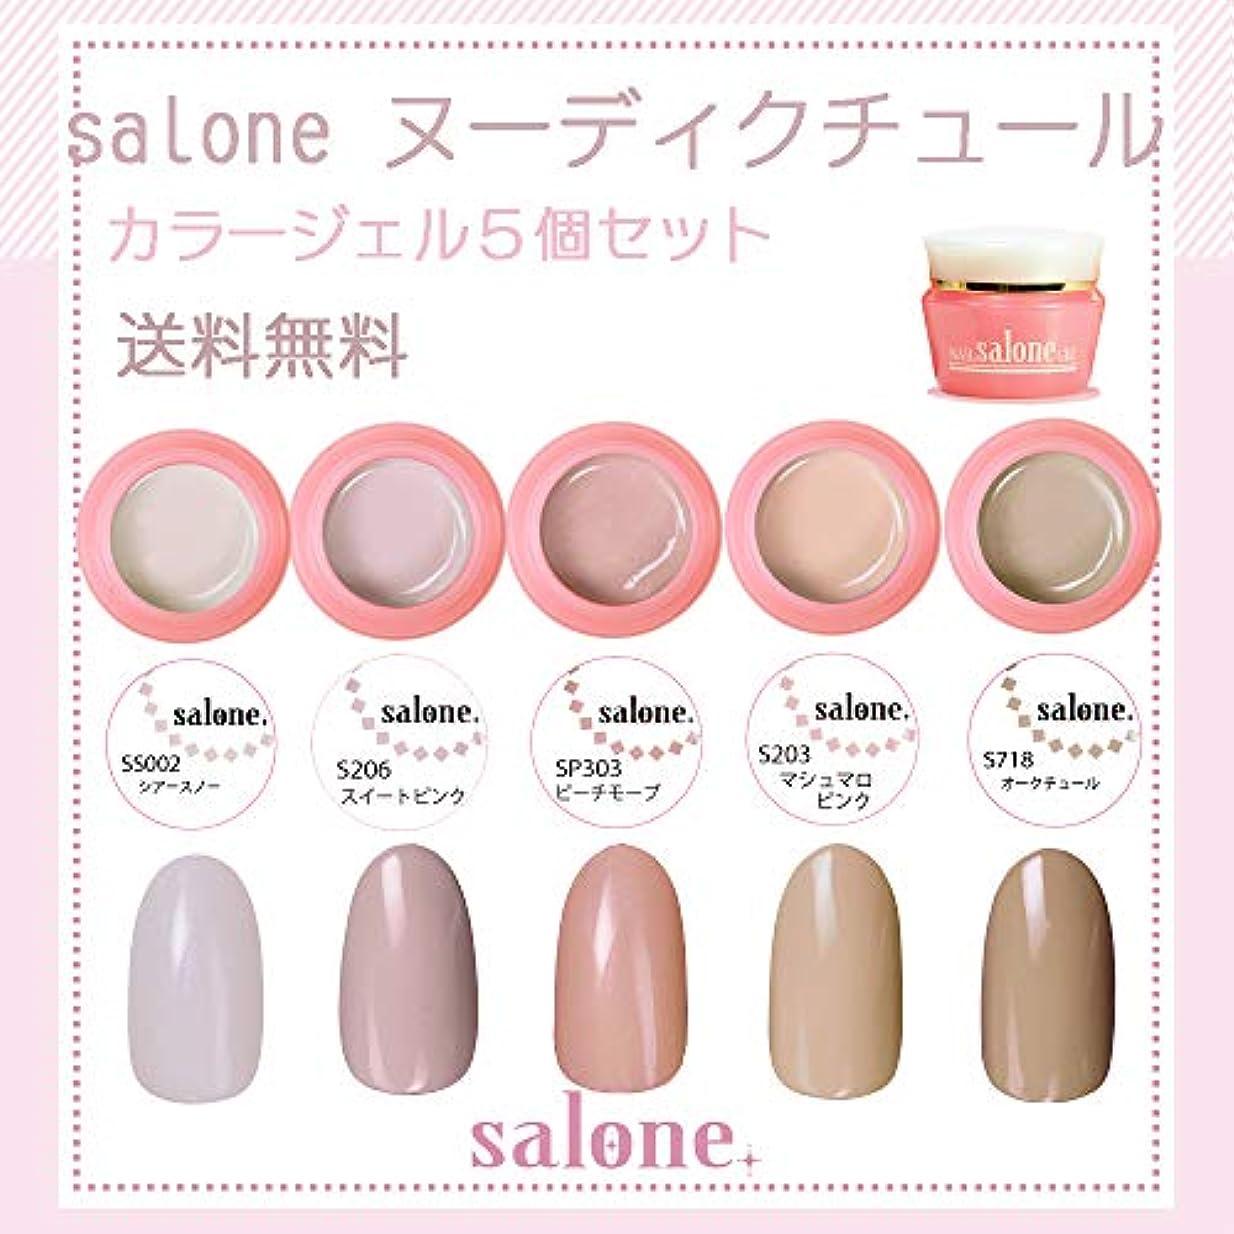 収まる接地寺院【送料無料 日本製】Salone ヌーディクチュール カラージェル5個セット 上品で肌なじみの良いカラー